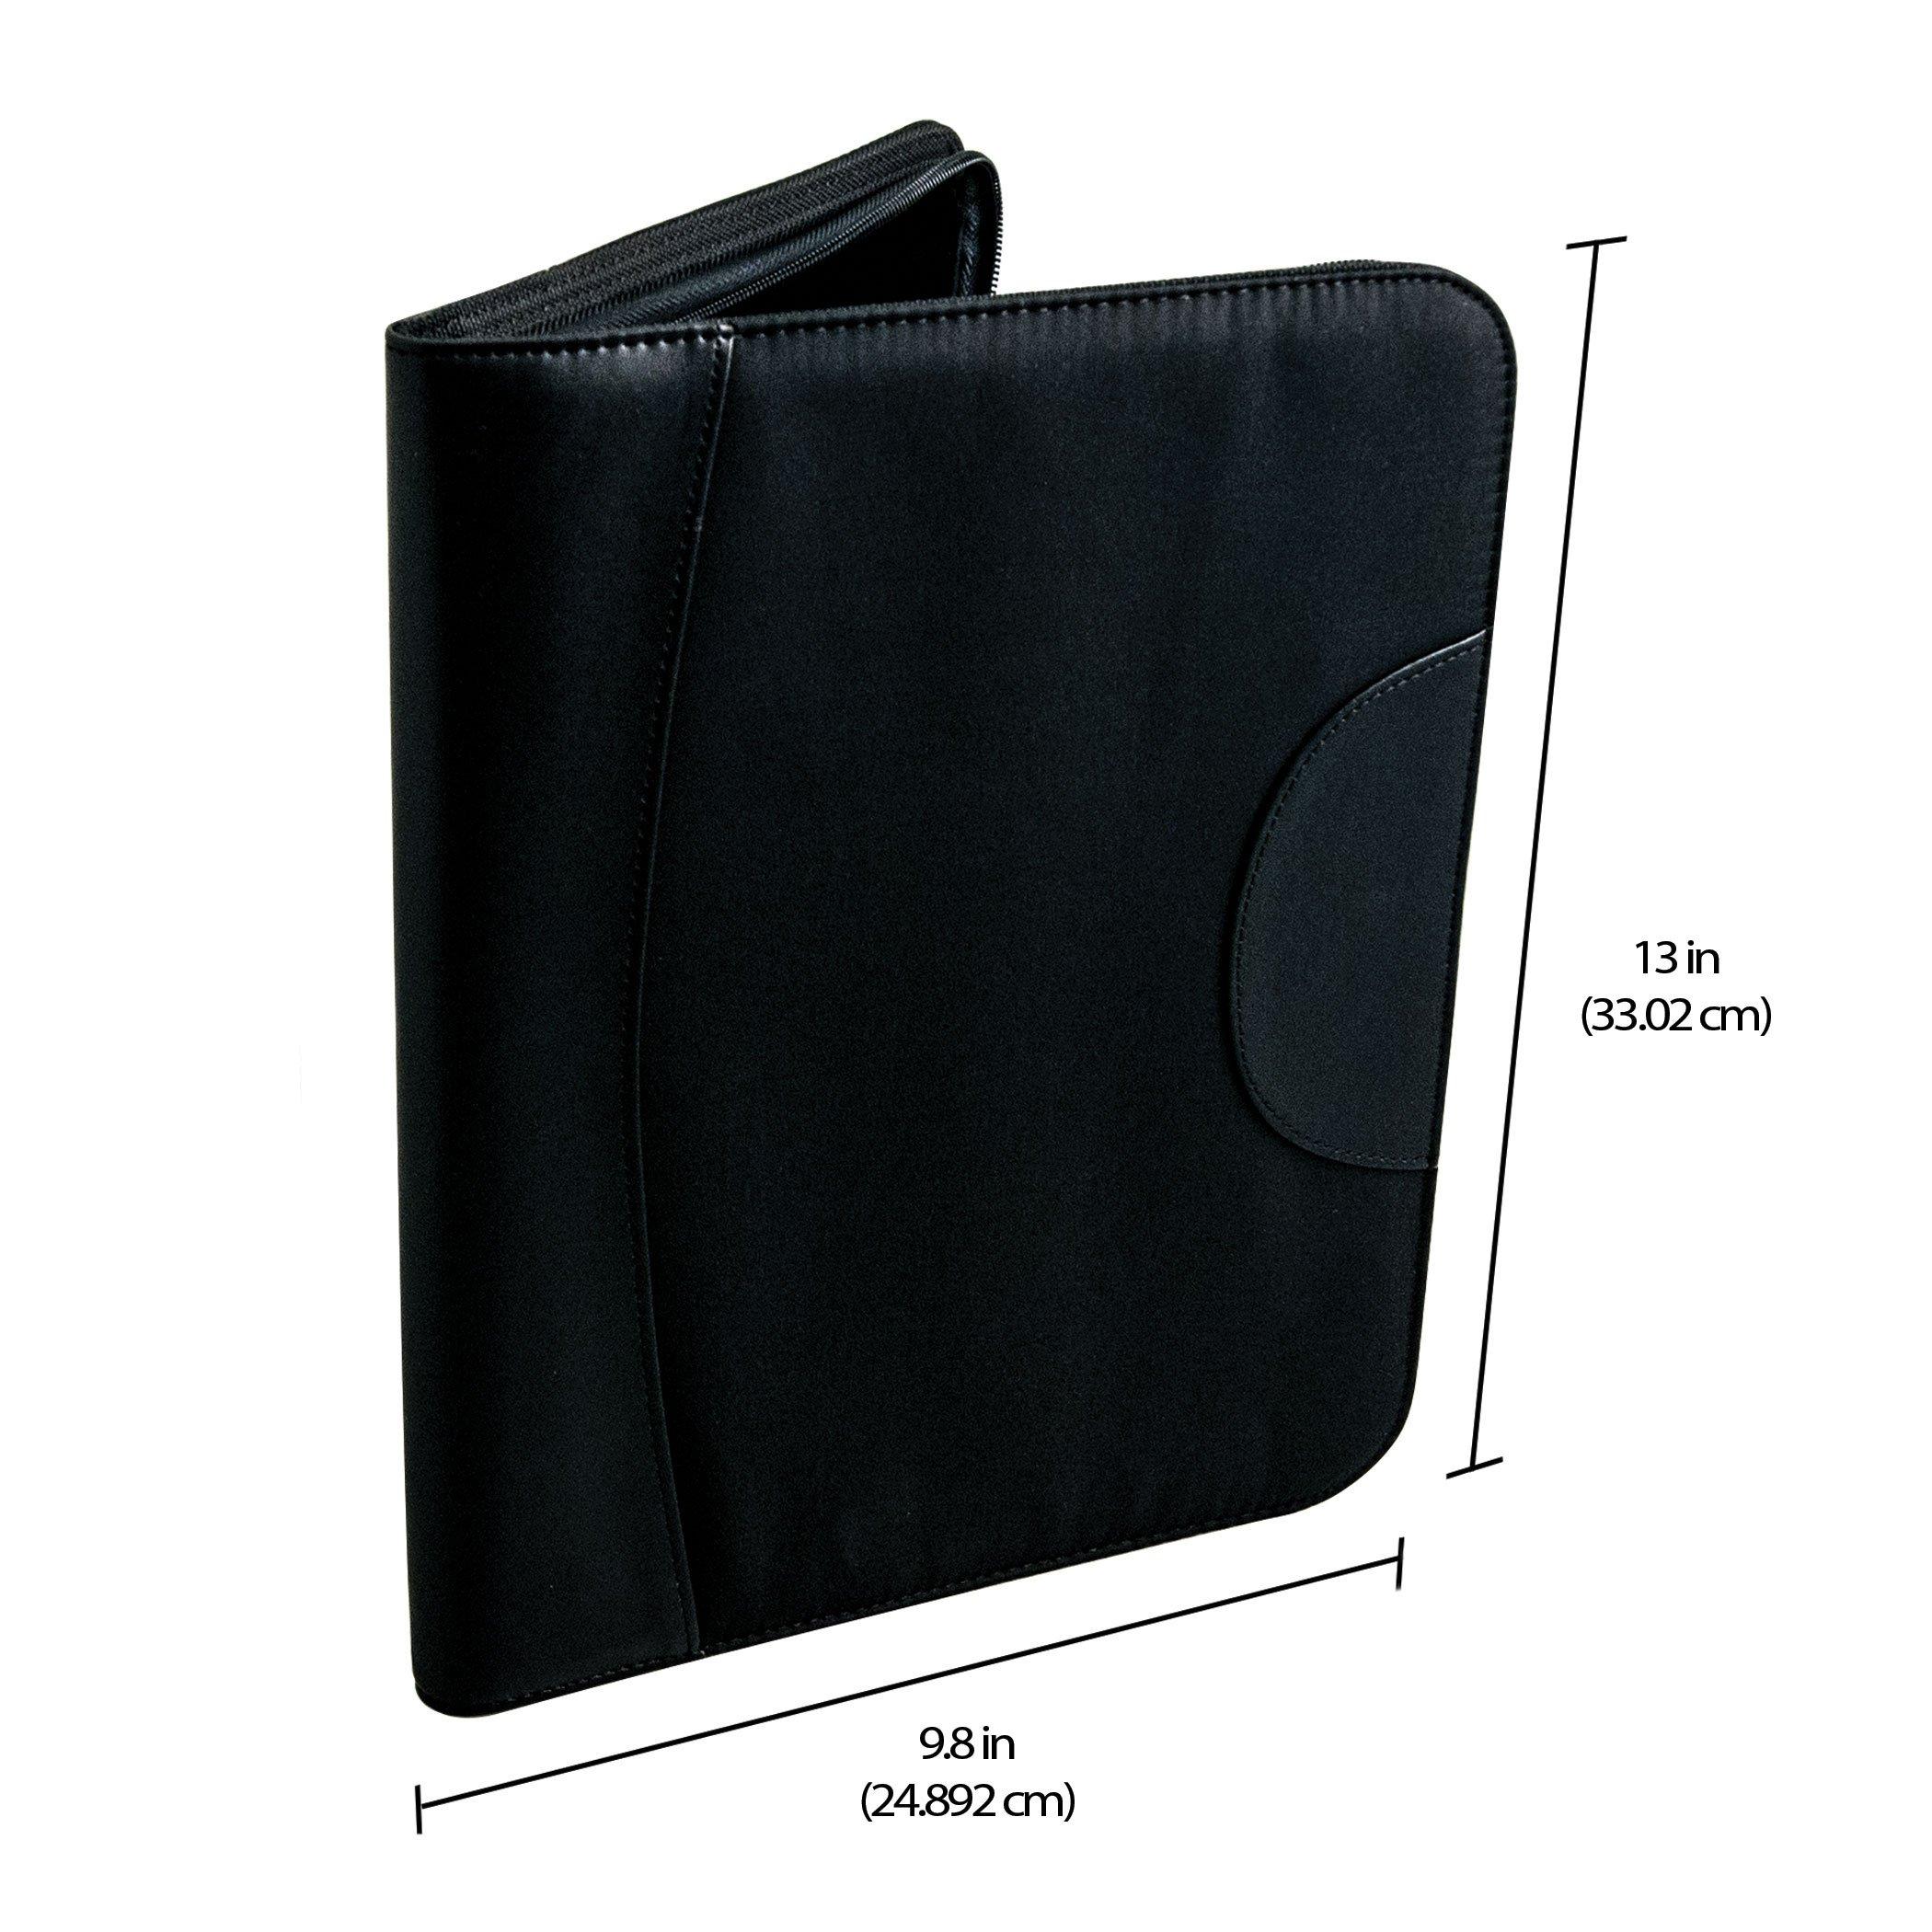 MONTEVERDE Monteverde 36 PC Zipper Pen Case; Black (1407) by Monteverde (Image #6)